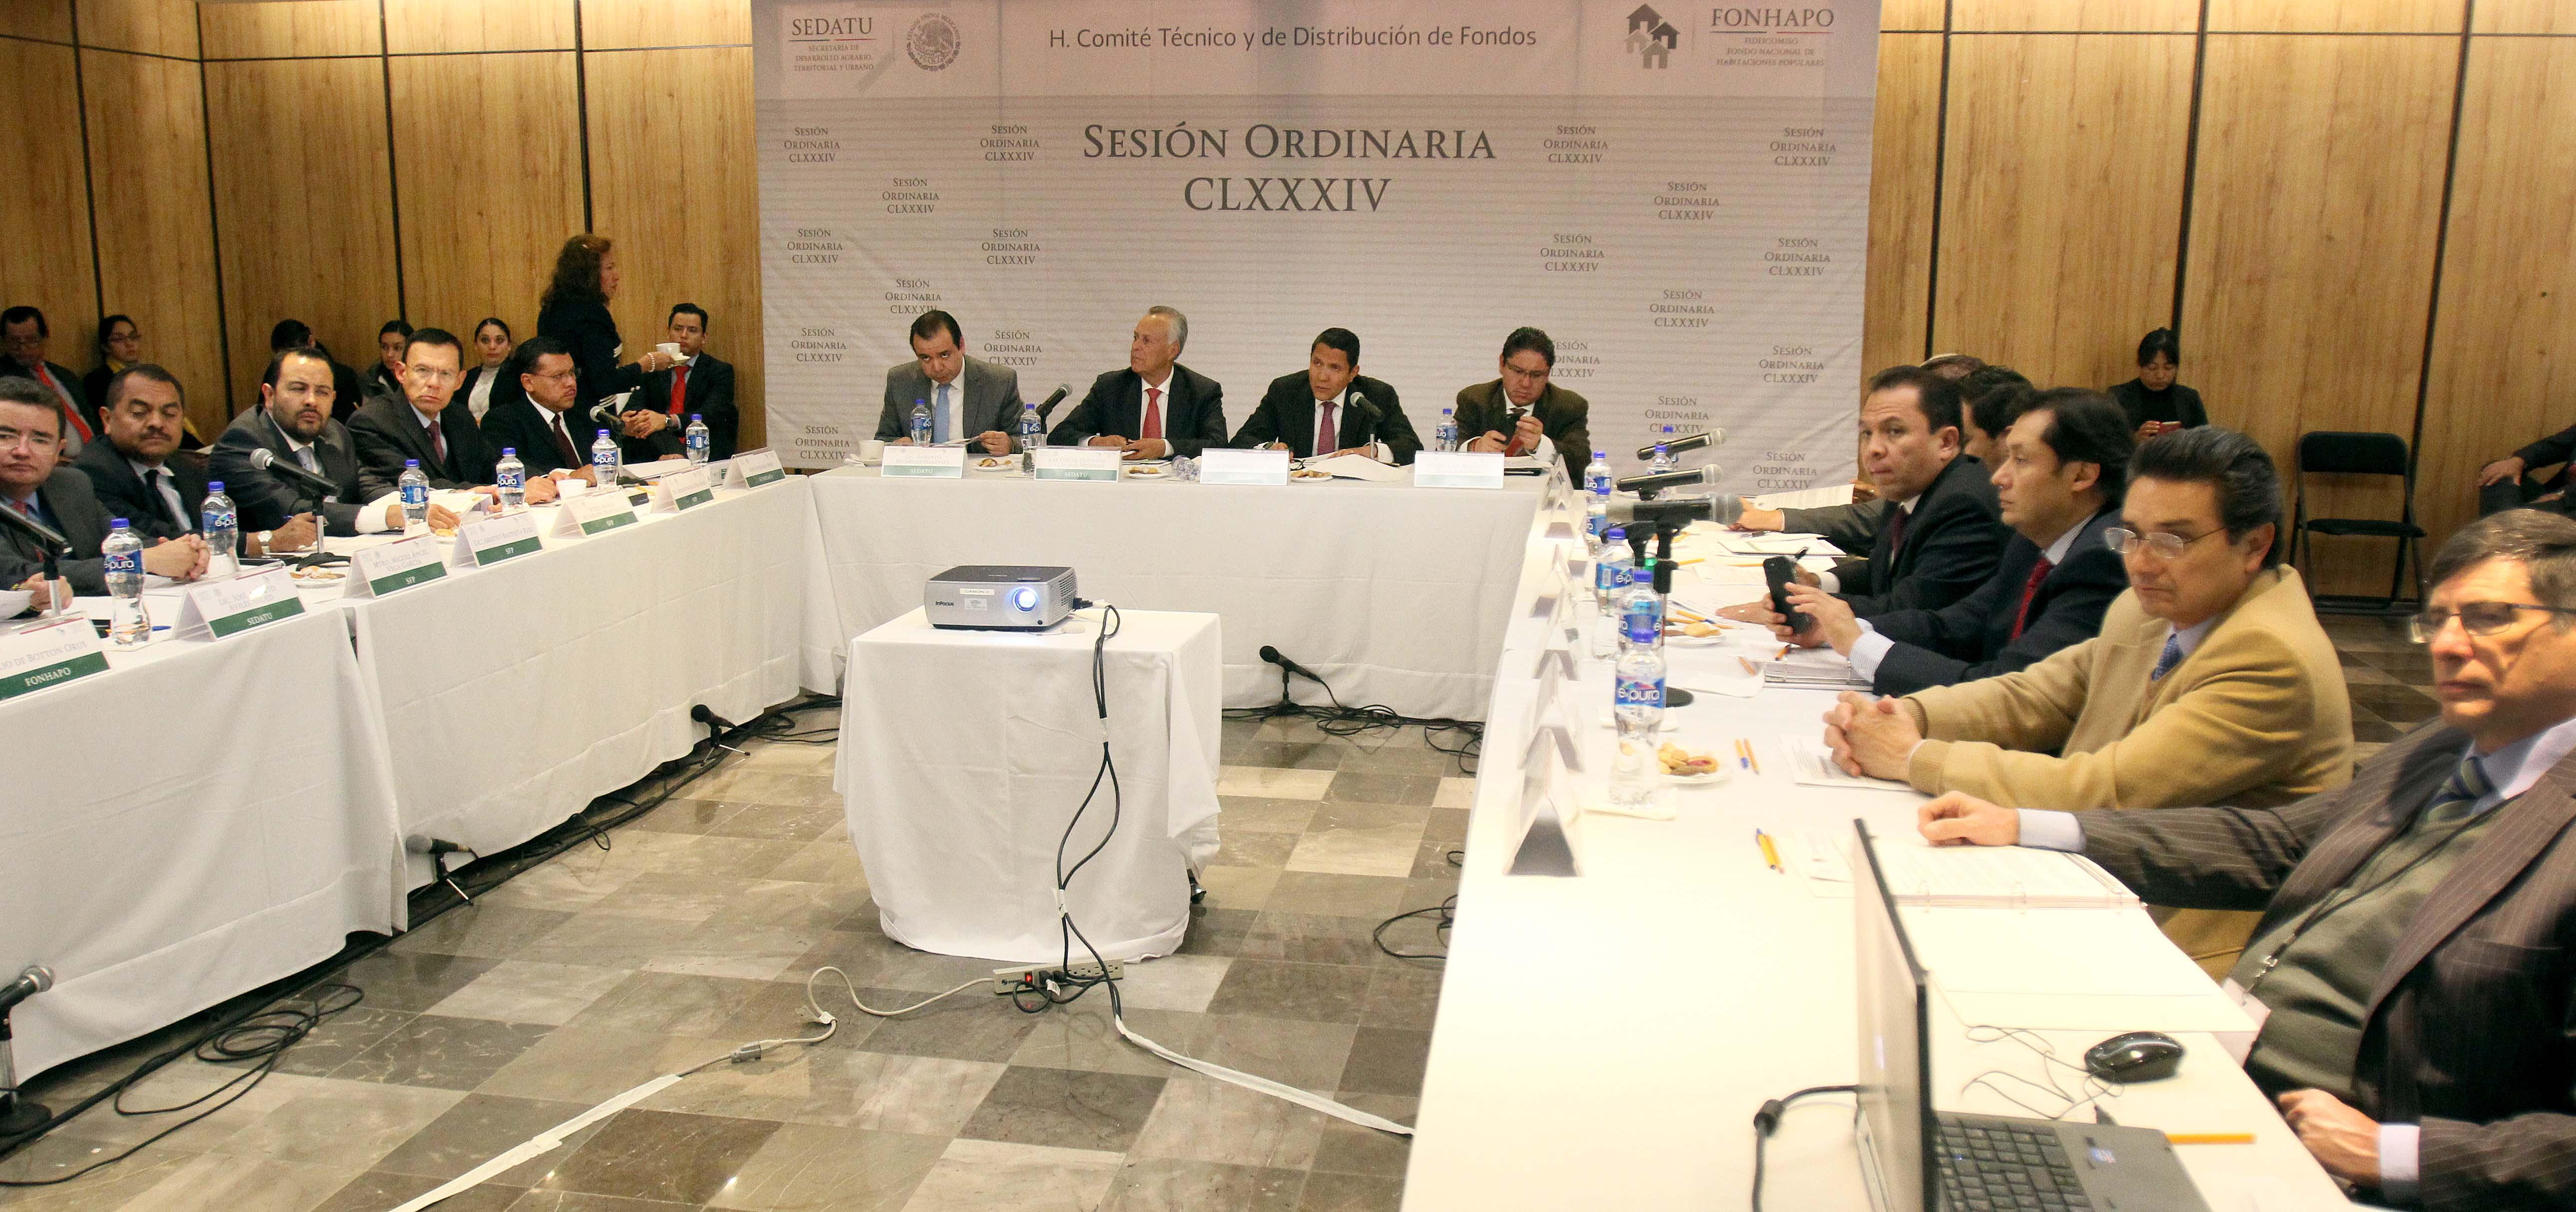 Presentación del Informe de Autoevaluación del FONHAPO.